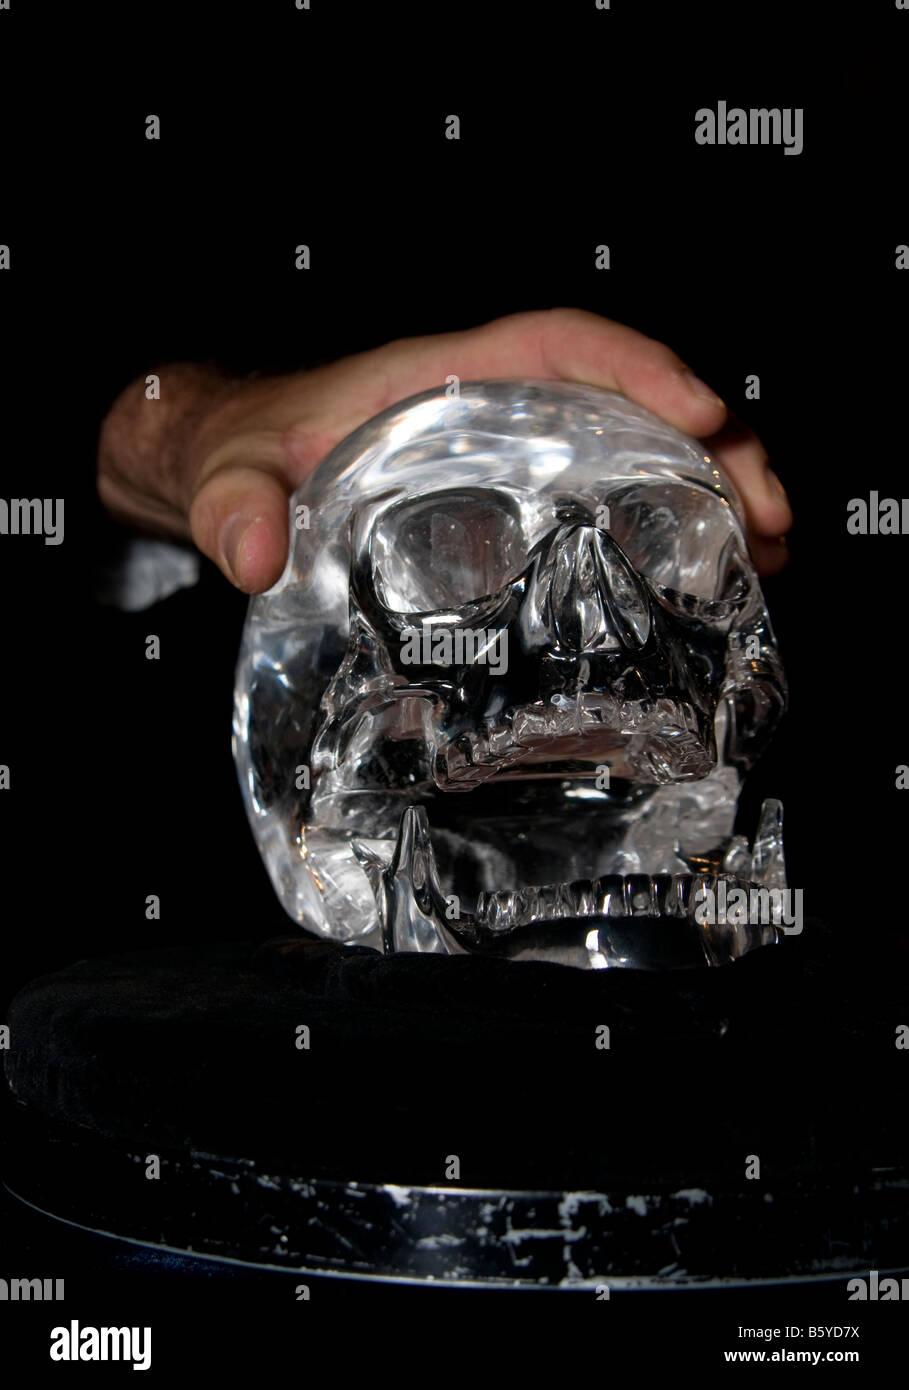 alamyprorank The Skull of Doom. - Stock Image